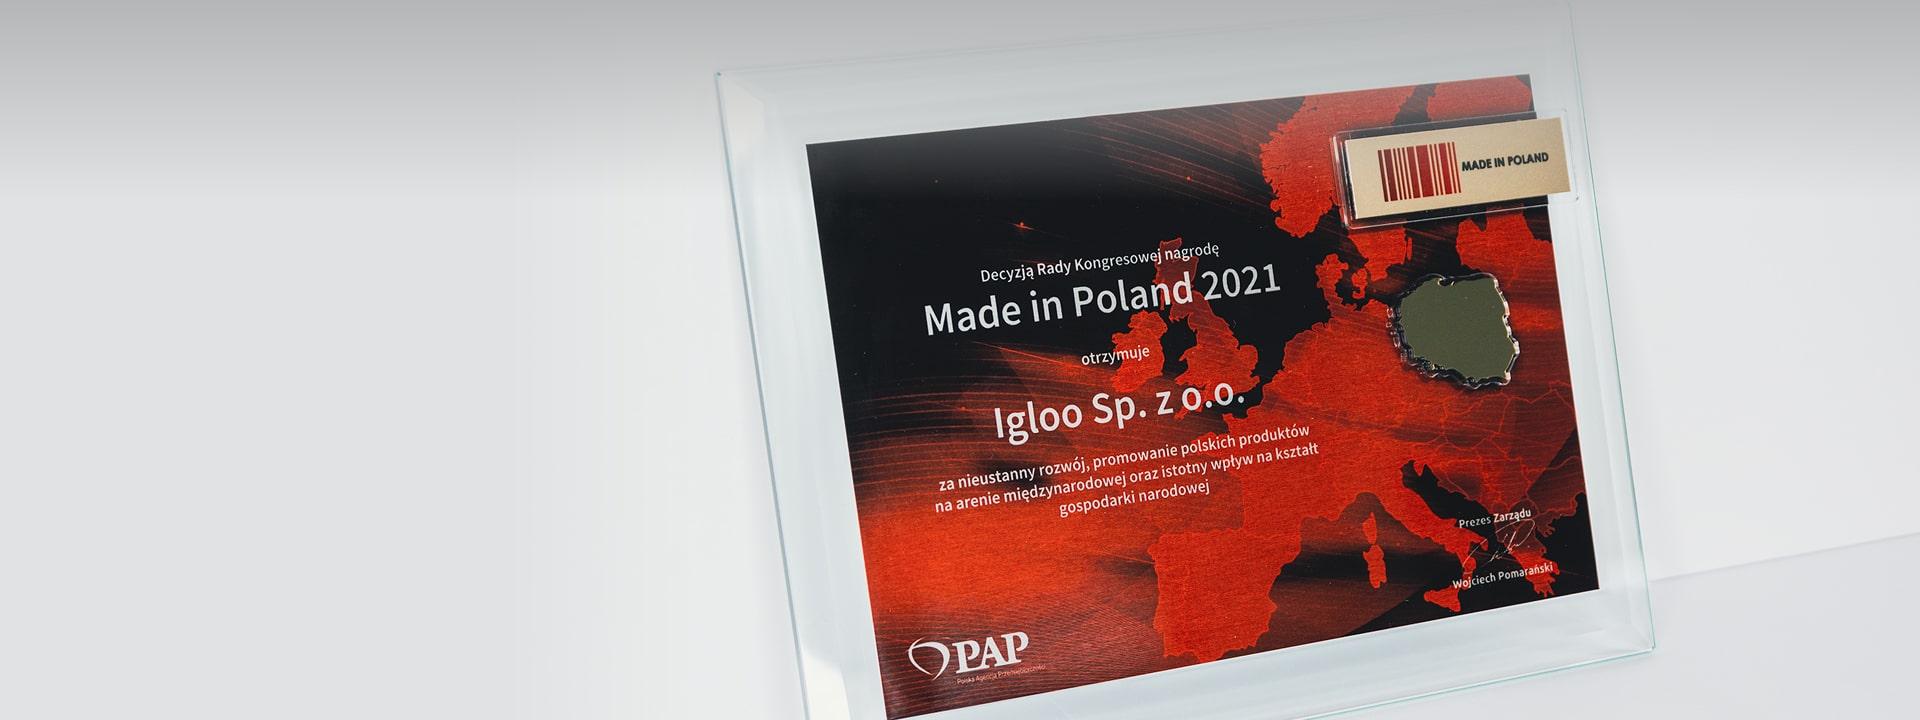 NAGRODA MADE IN POLAND dla firmy IGLOO sp. z o.o.